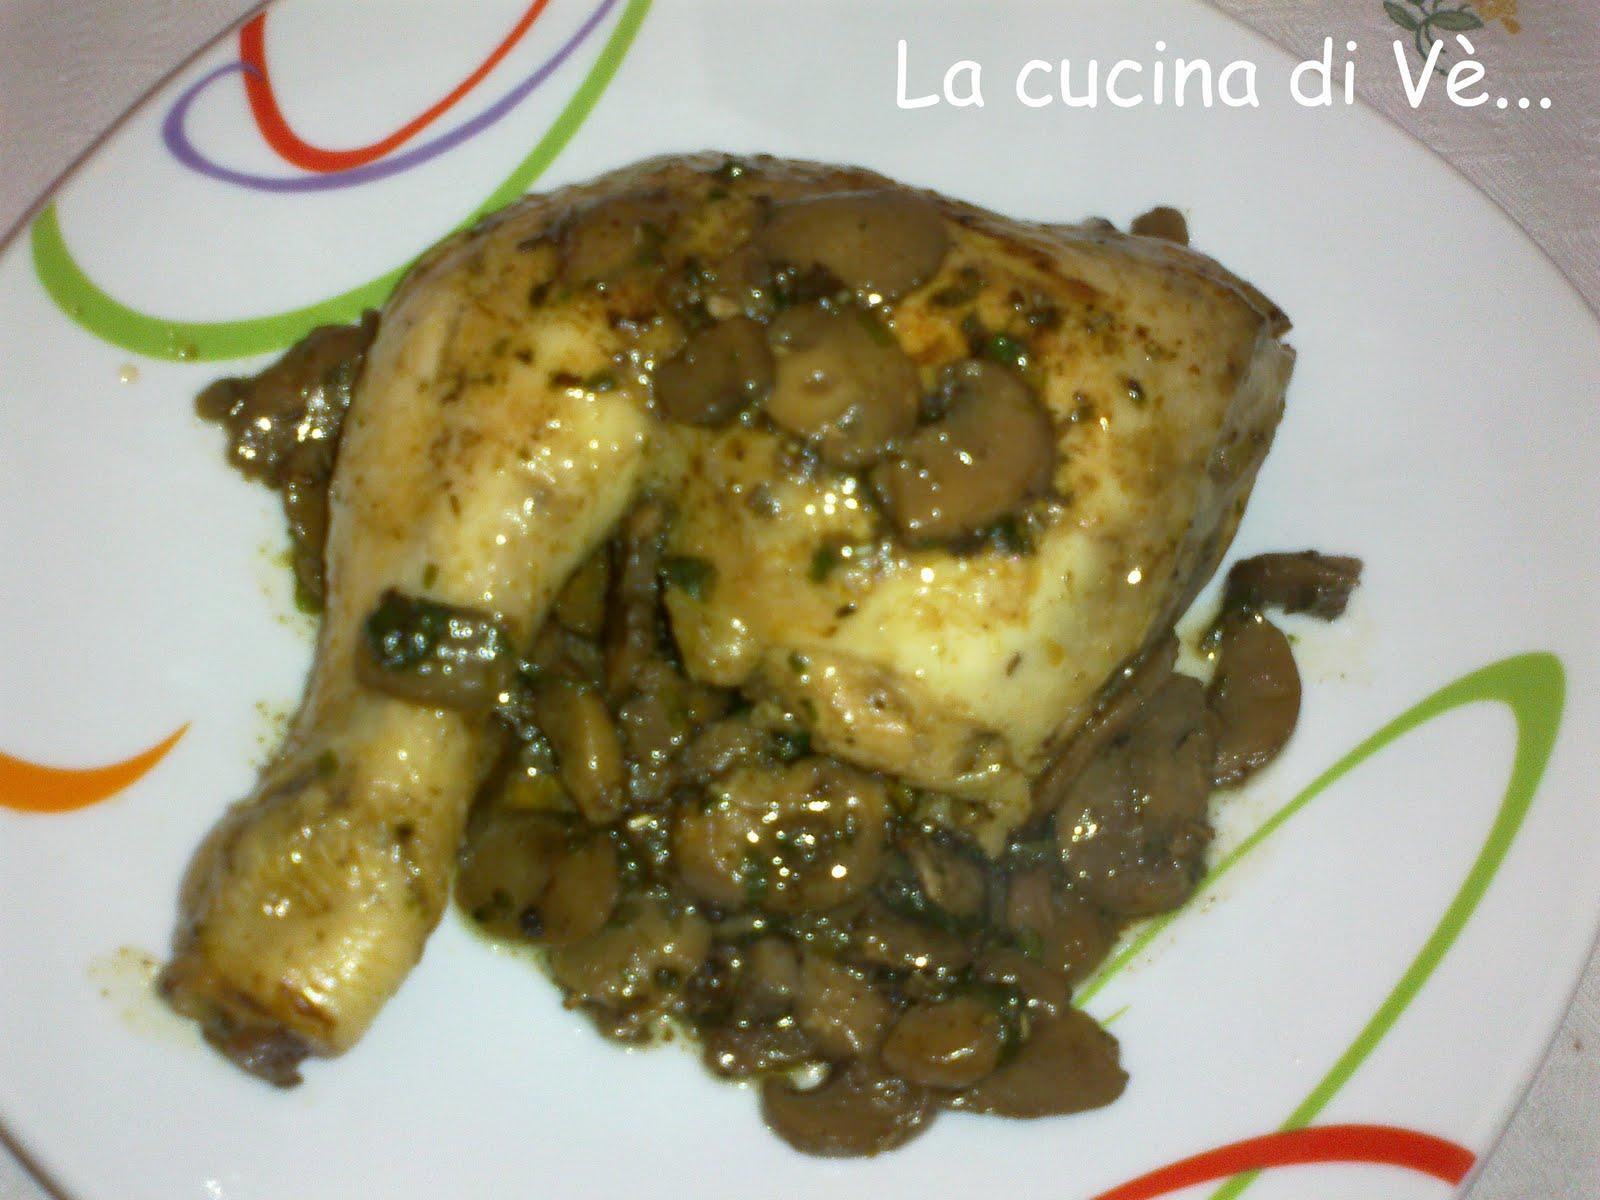 cosce di pollo con funghi champignon